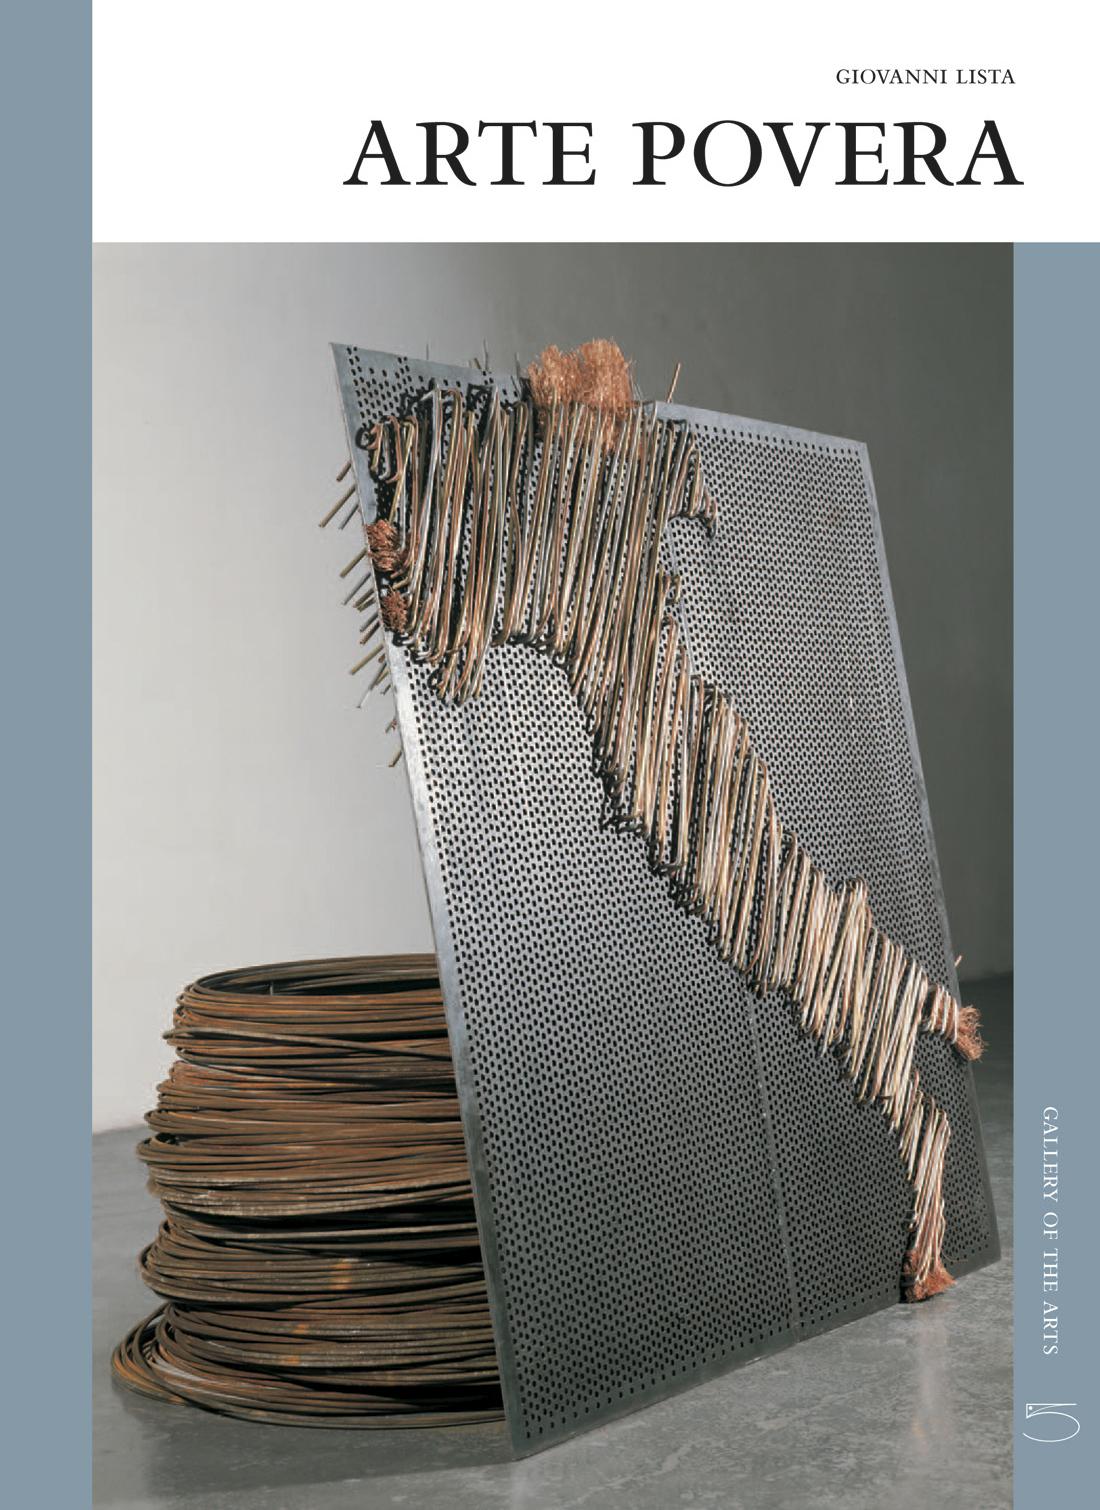 arte povera modern art 5 continents editions